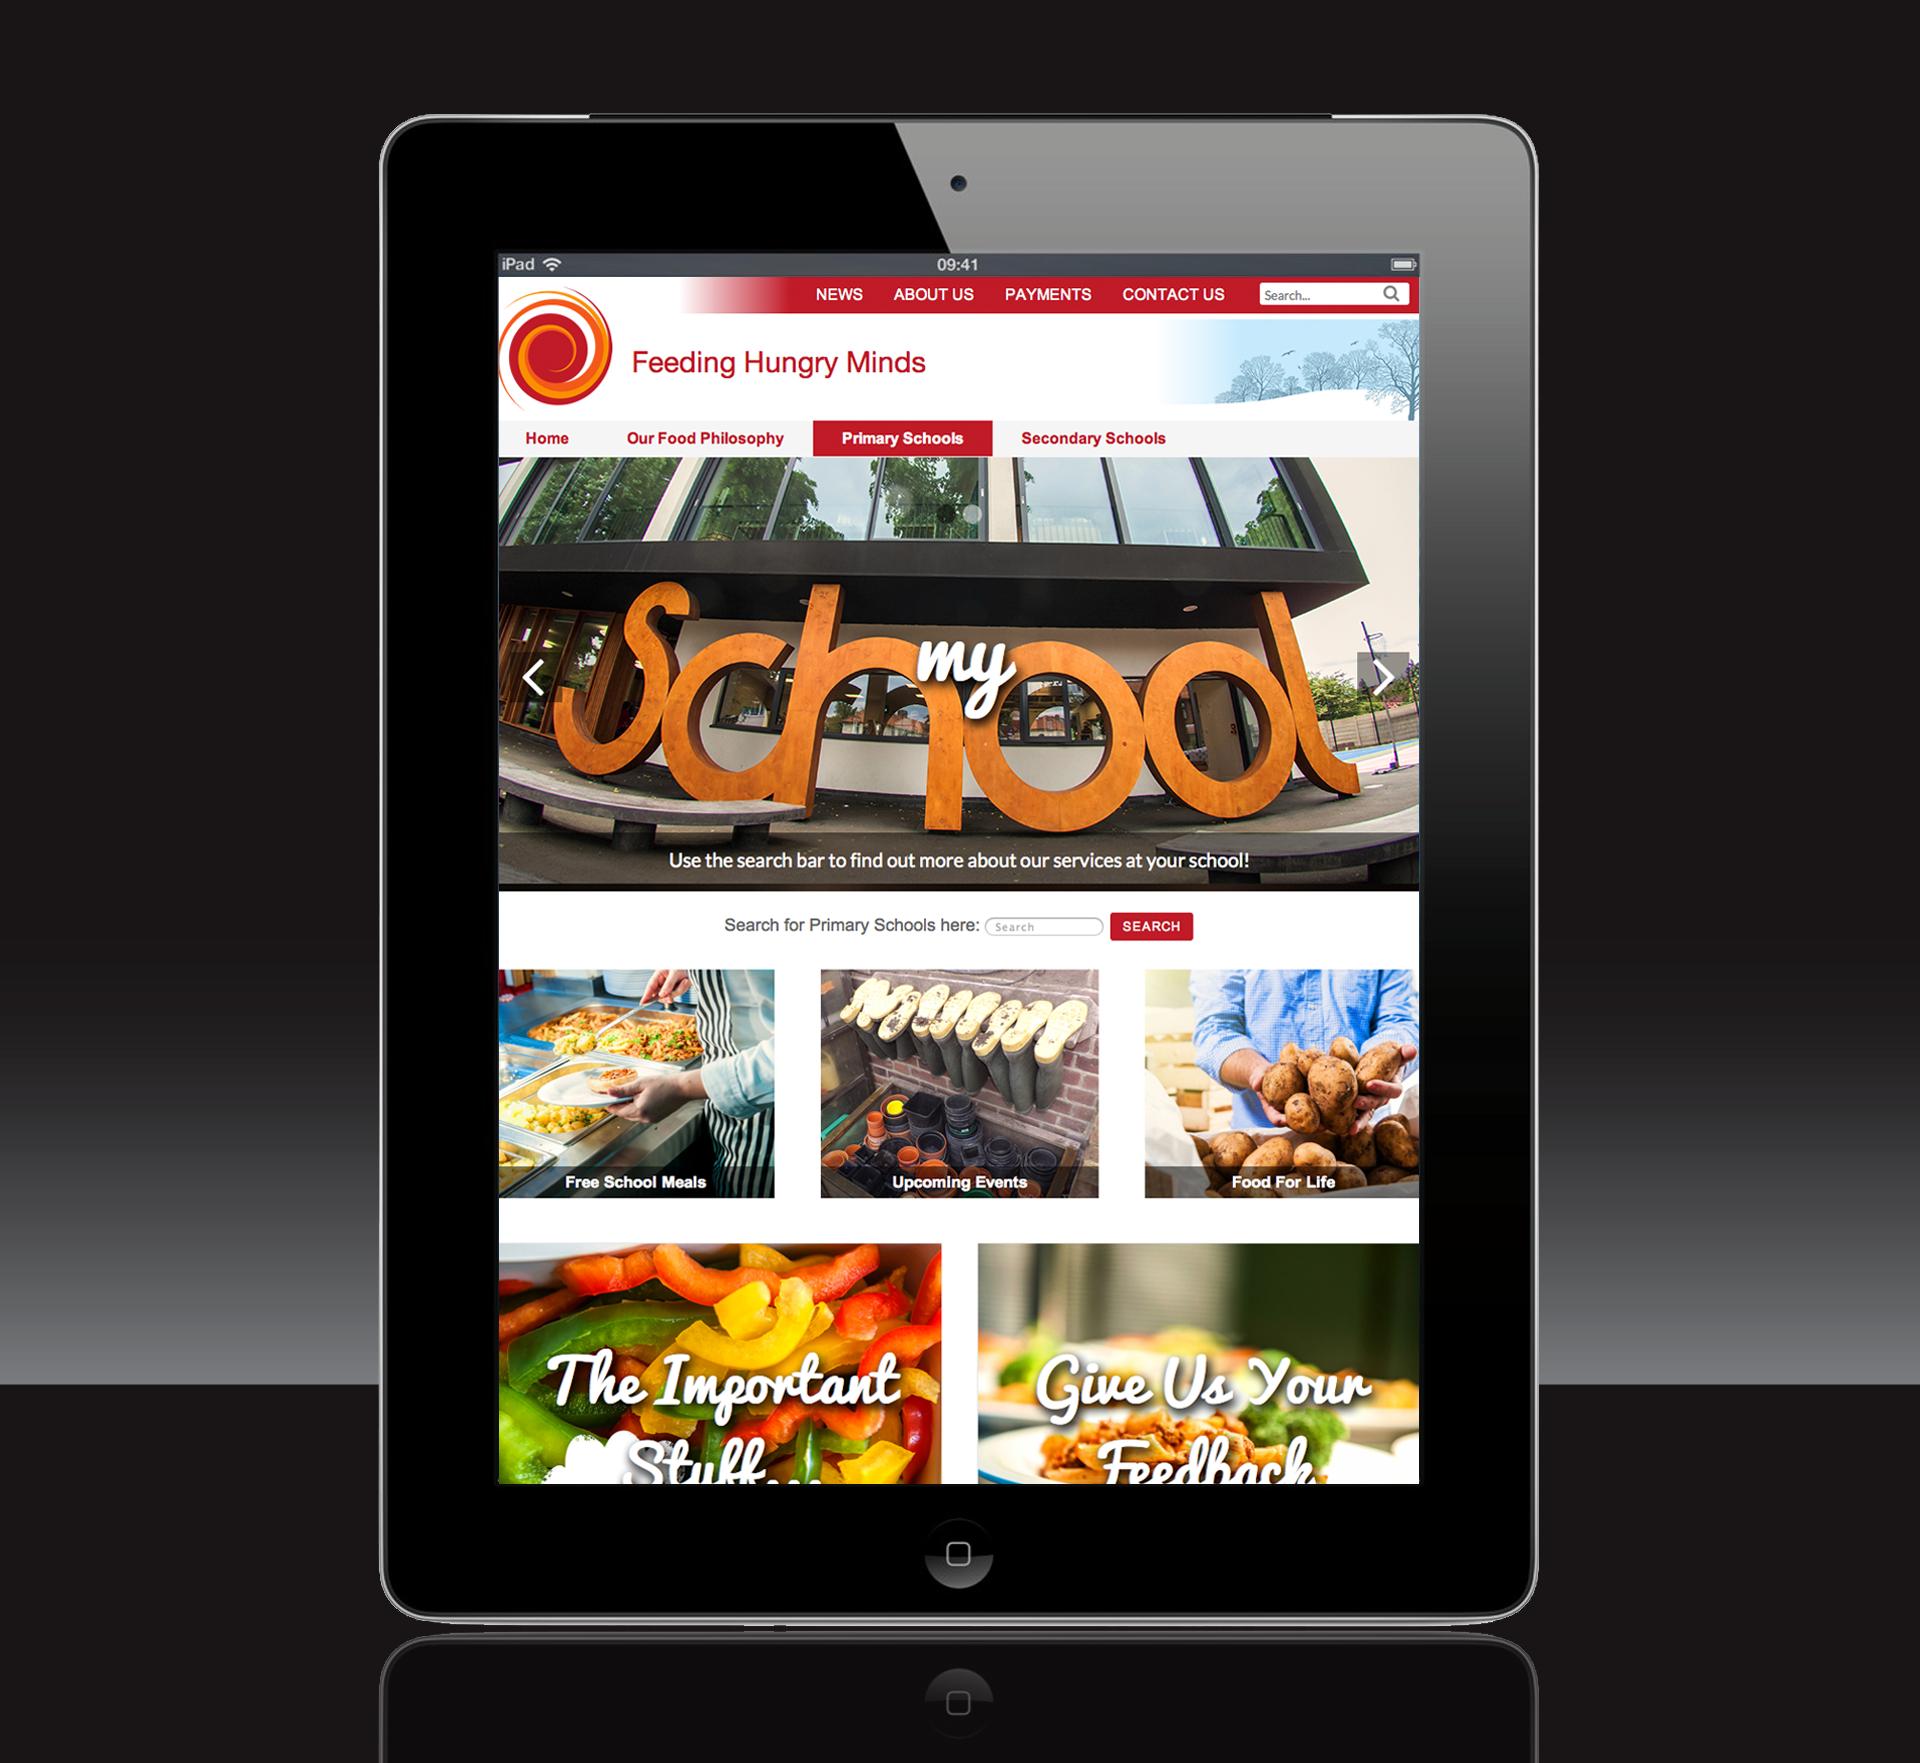 FHM Website In Situ Four